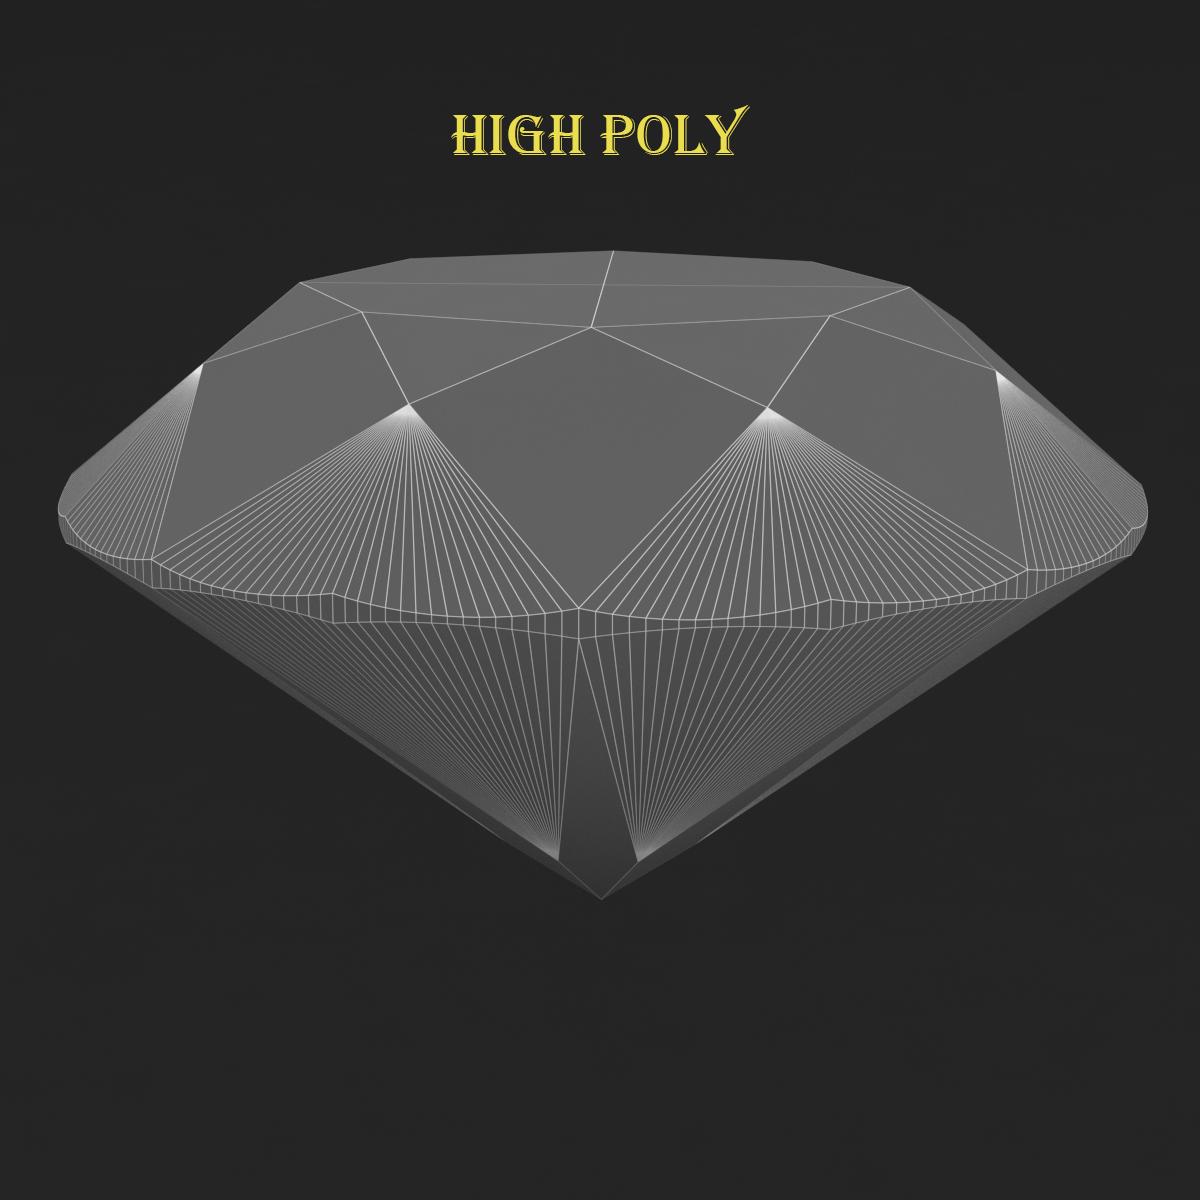 round brilliant diamond 3d model 3ds max dxf dwg fbx c4d ma mb 3dm  obj 283538